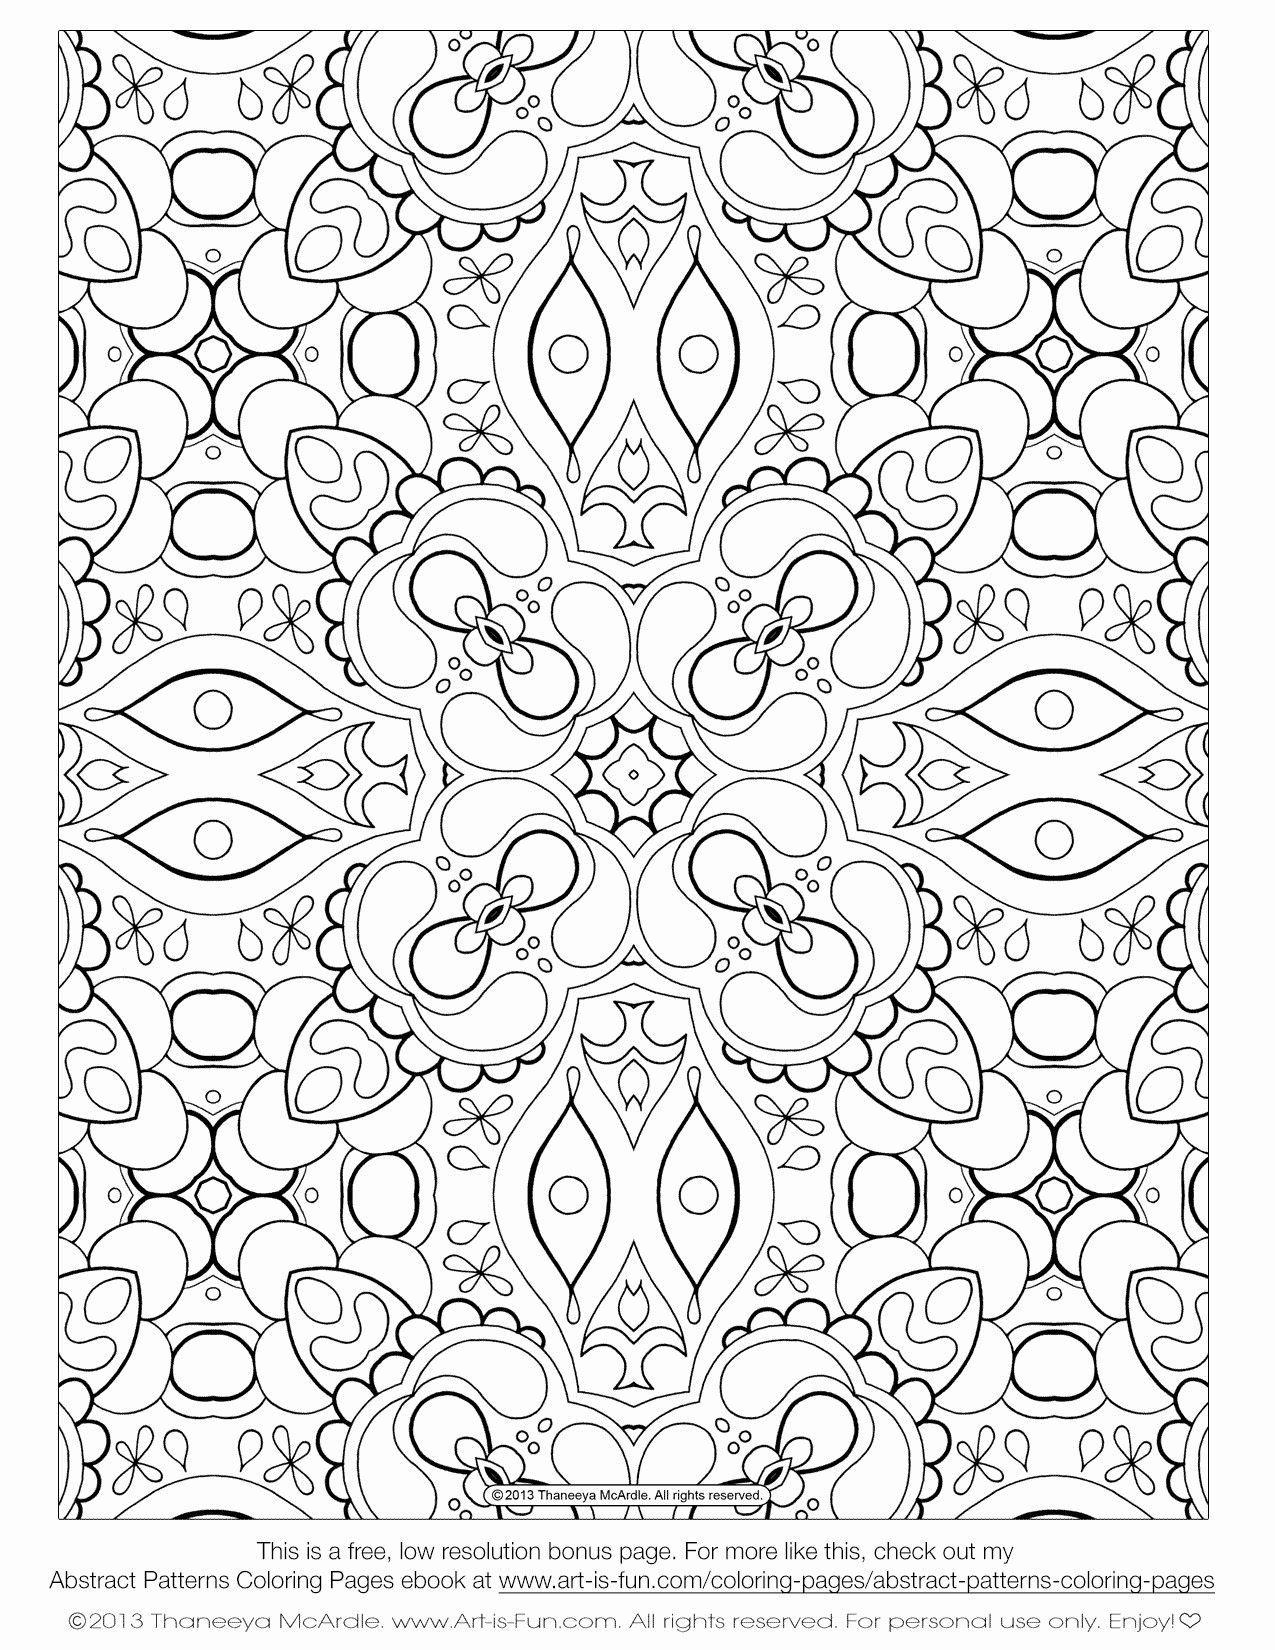 Einzigartiges Weihnachts Mandala Zum Ausdrucken Ausmalen Farbseiten Farbseiten Mal Muster Malvorlagen Mandala Zum Ausdrucken Kostenlose Malvorlagen